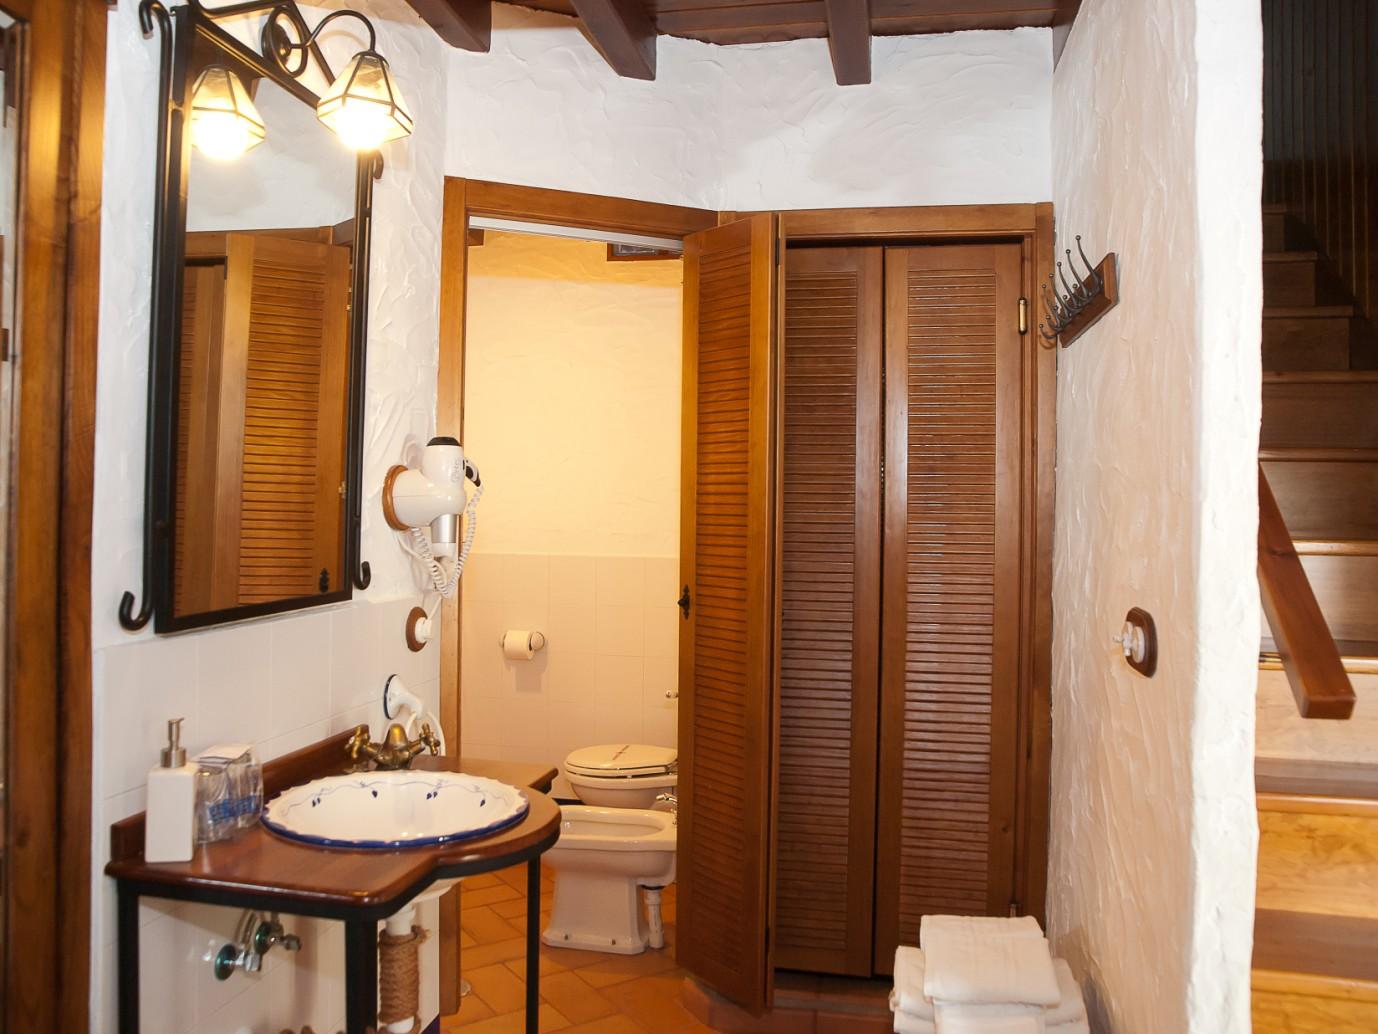 Baño loft.jpg